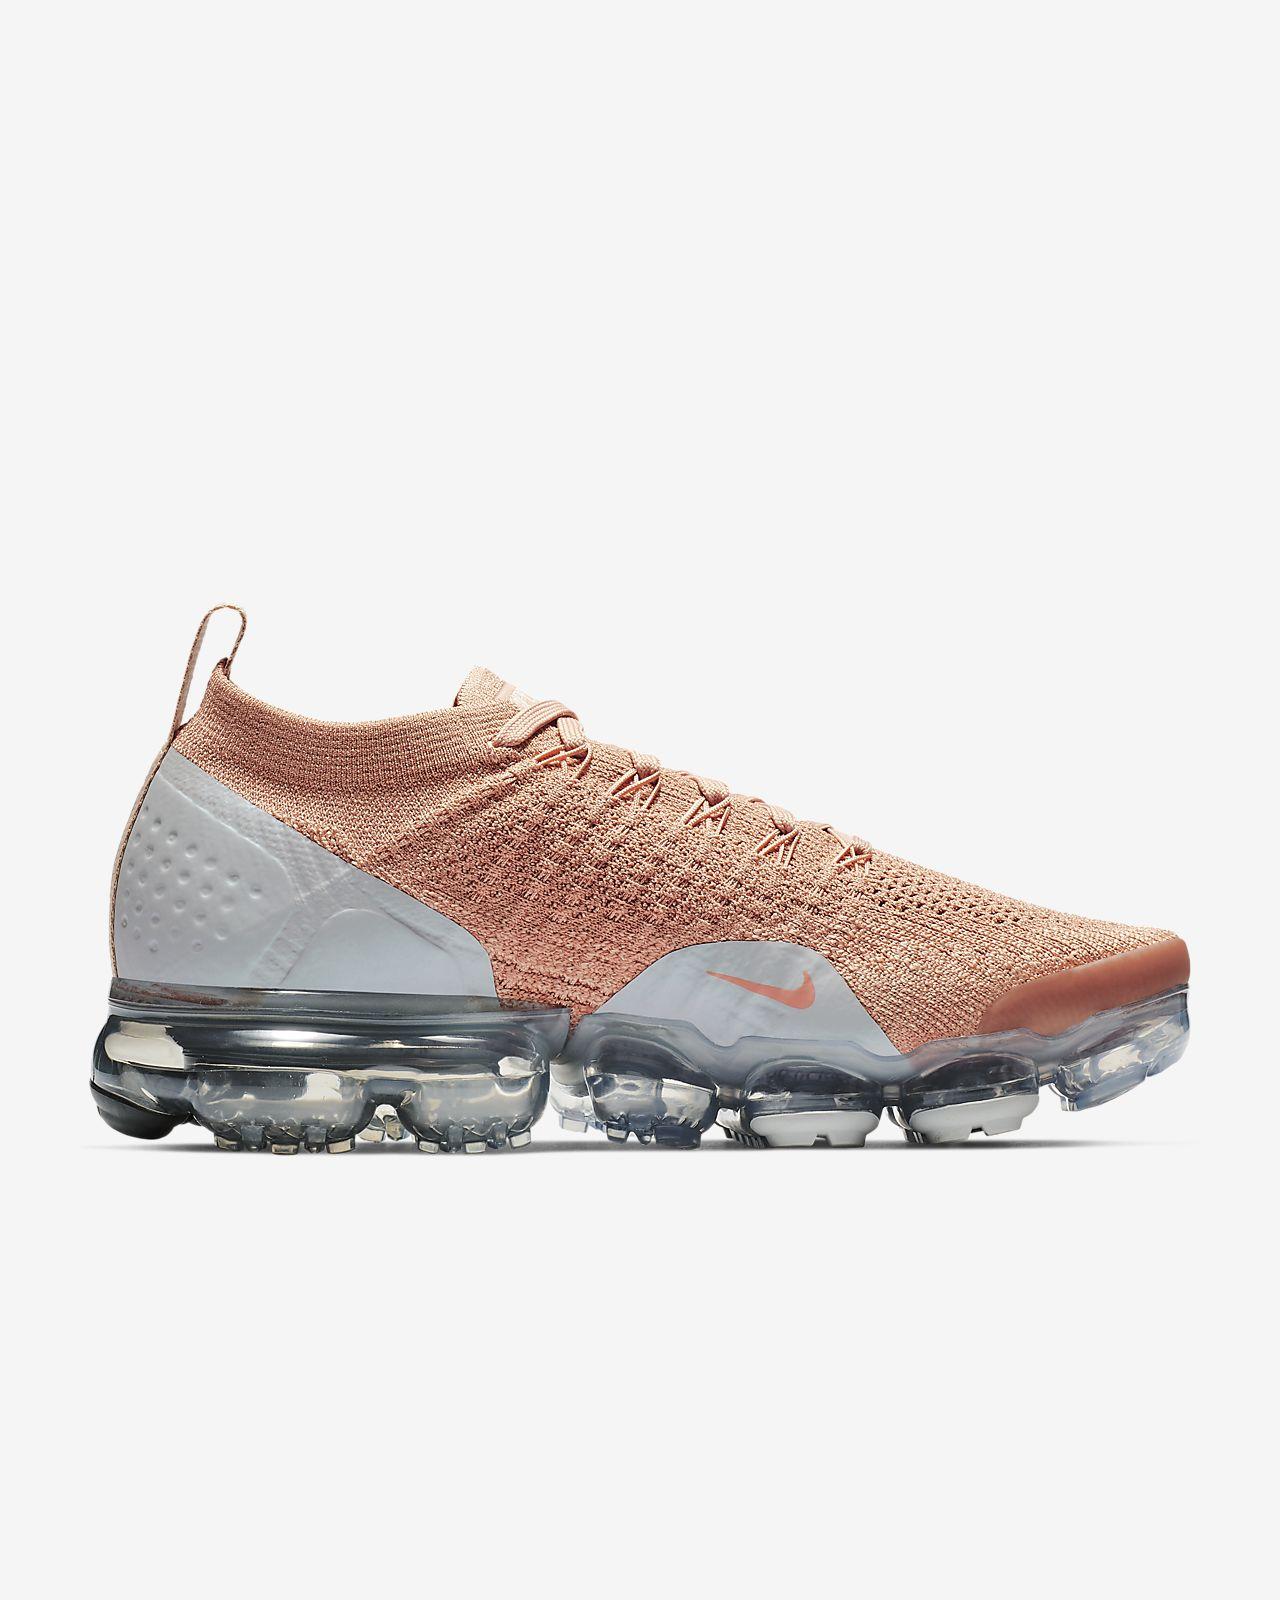 separation shoes 0c53e 9d3b5 ... Chaussure Nike Air VaporMax Flyknit 2 pour Femme